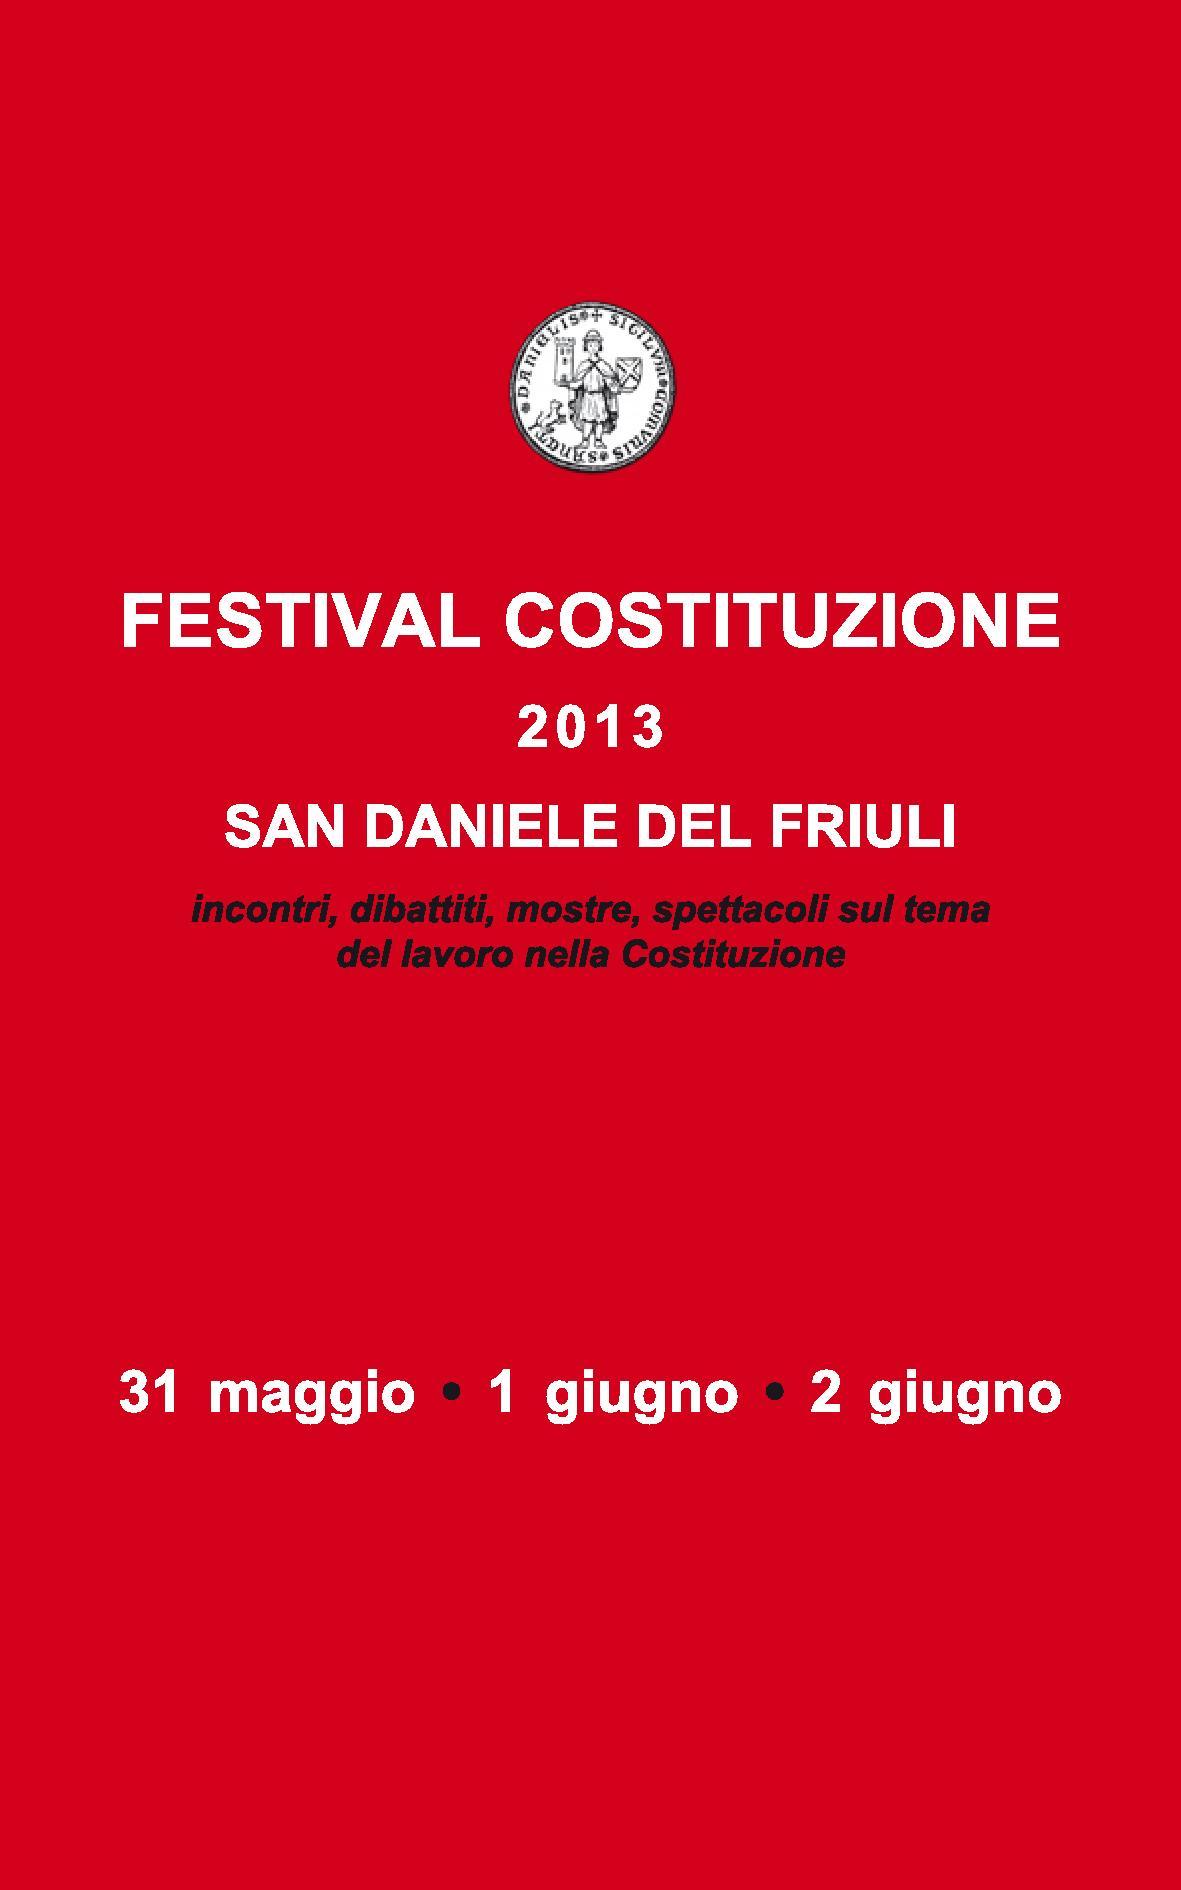 Locandina – Festival Costituzione 2013